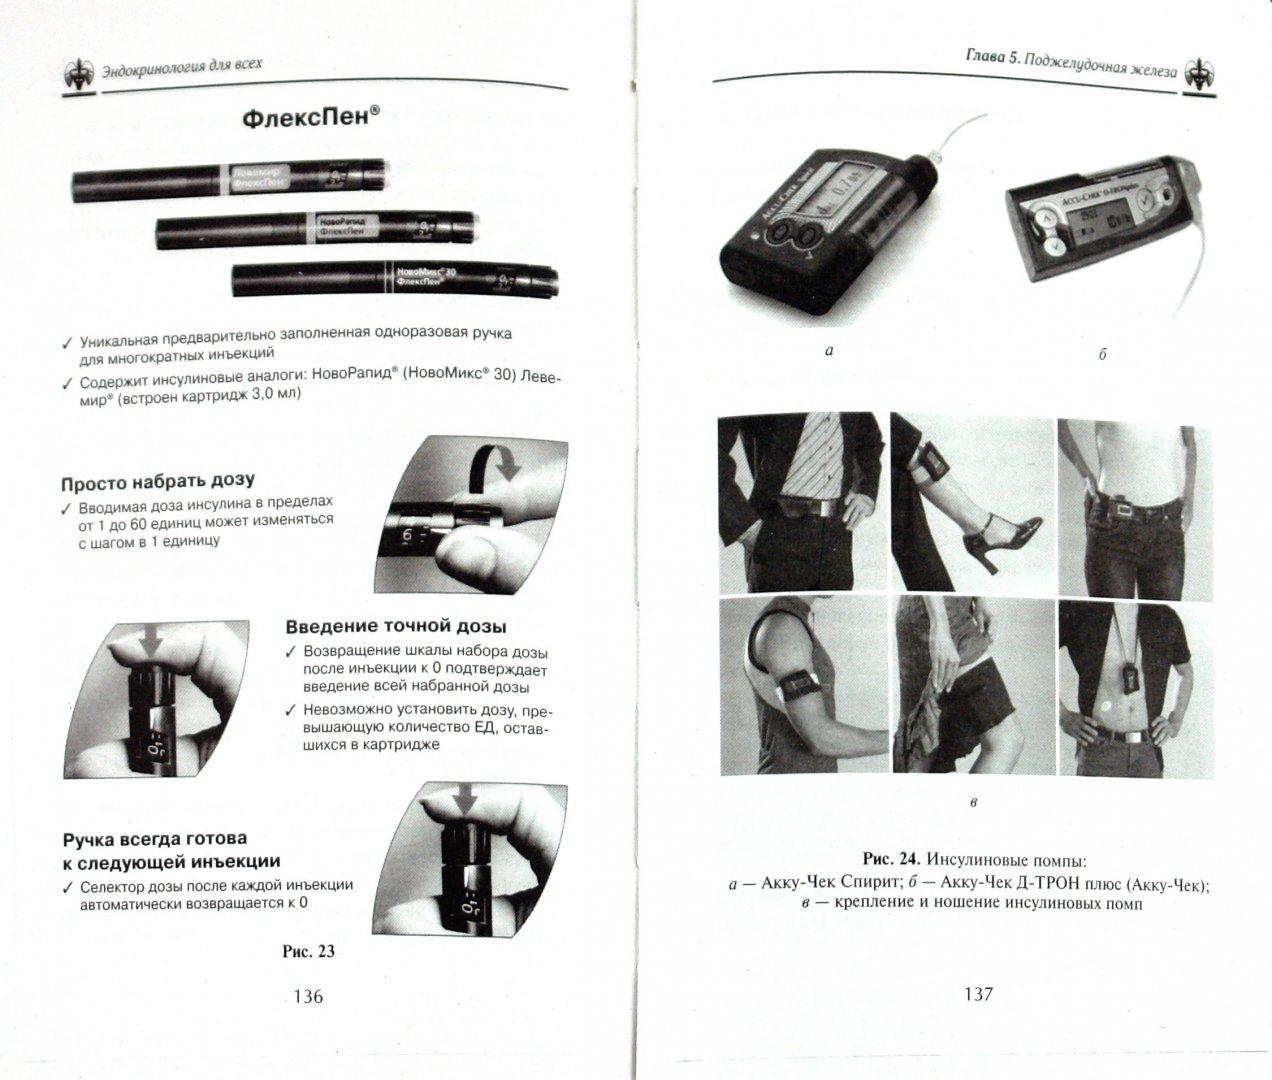 Иллюстрация 1 из 9 для Эндокринология для всех - Василий Романовский   Лабиринт - книги. Источник: Лабиринт